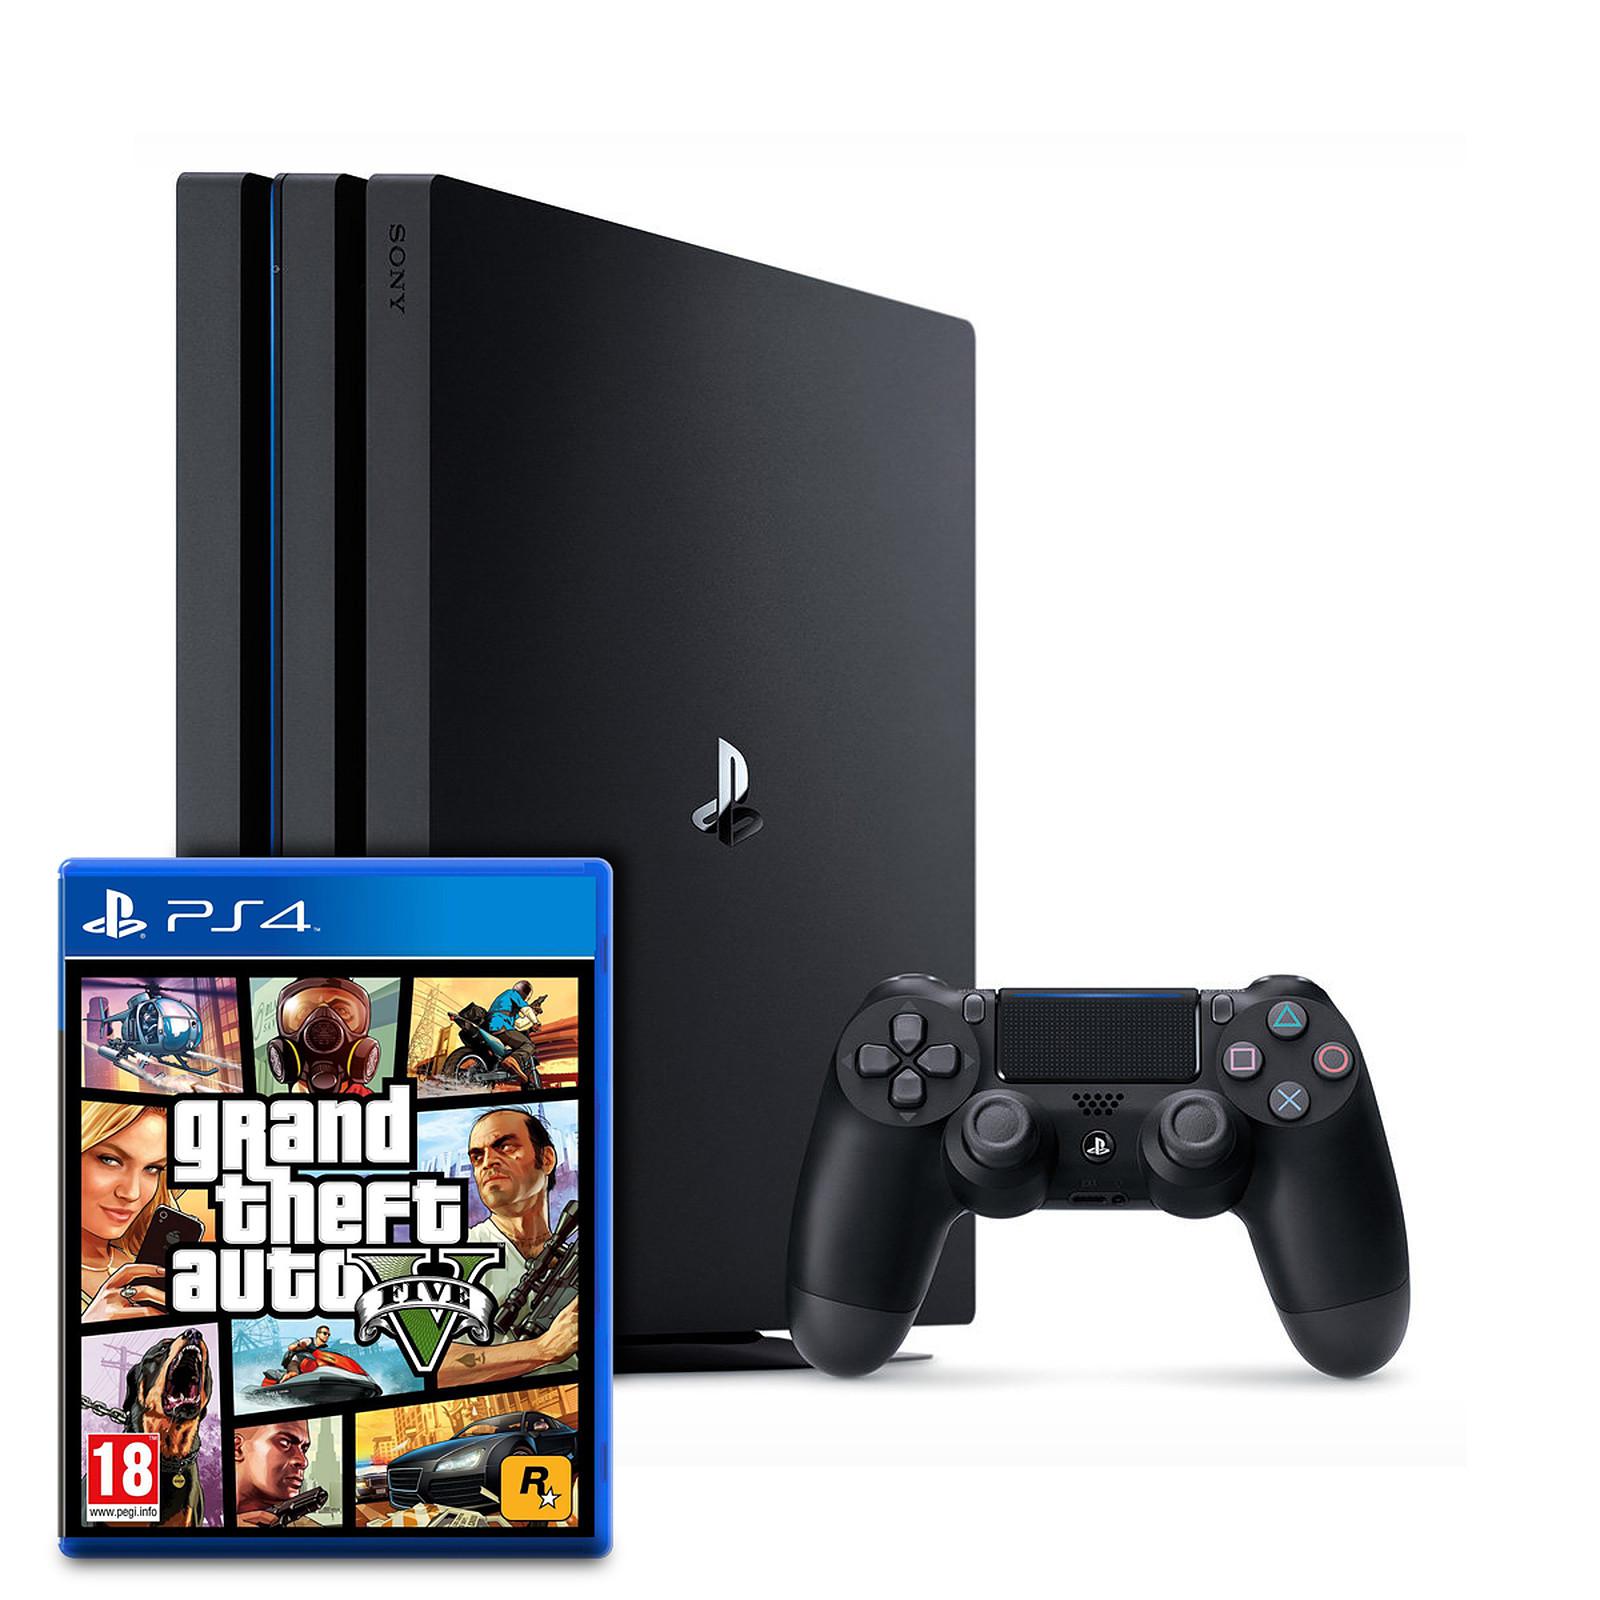 Sony PlayStation 4 Pro (1 To) + Grand Theft Auto V - GTA 5